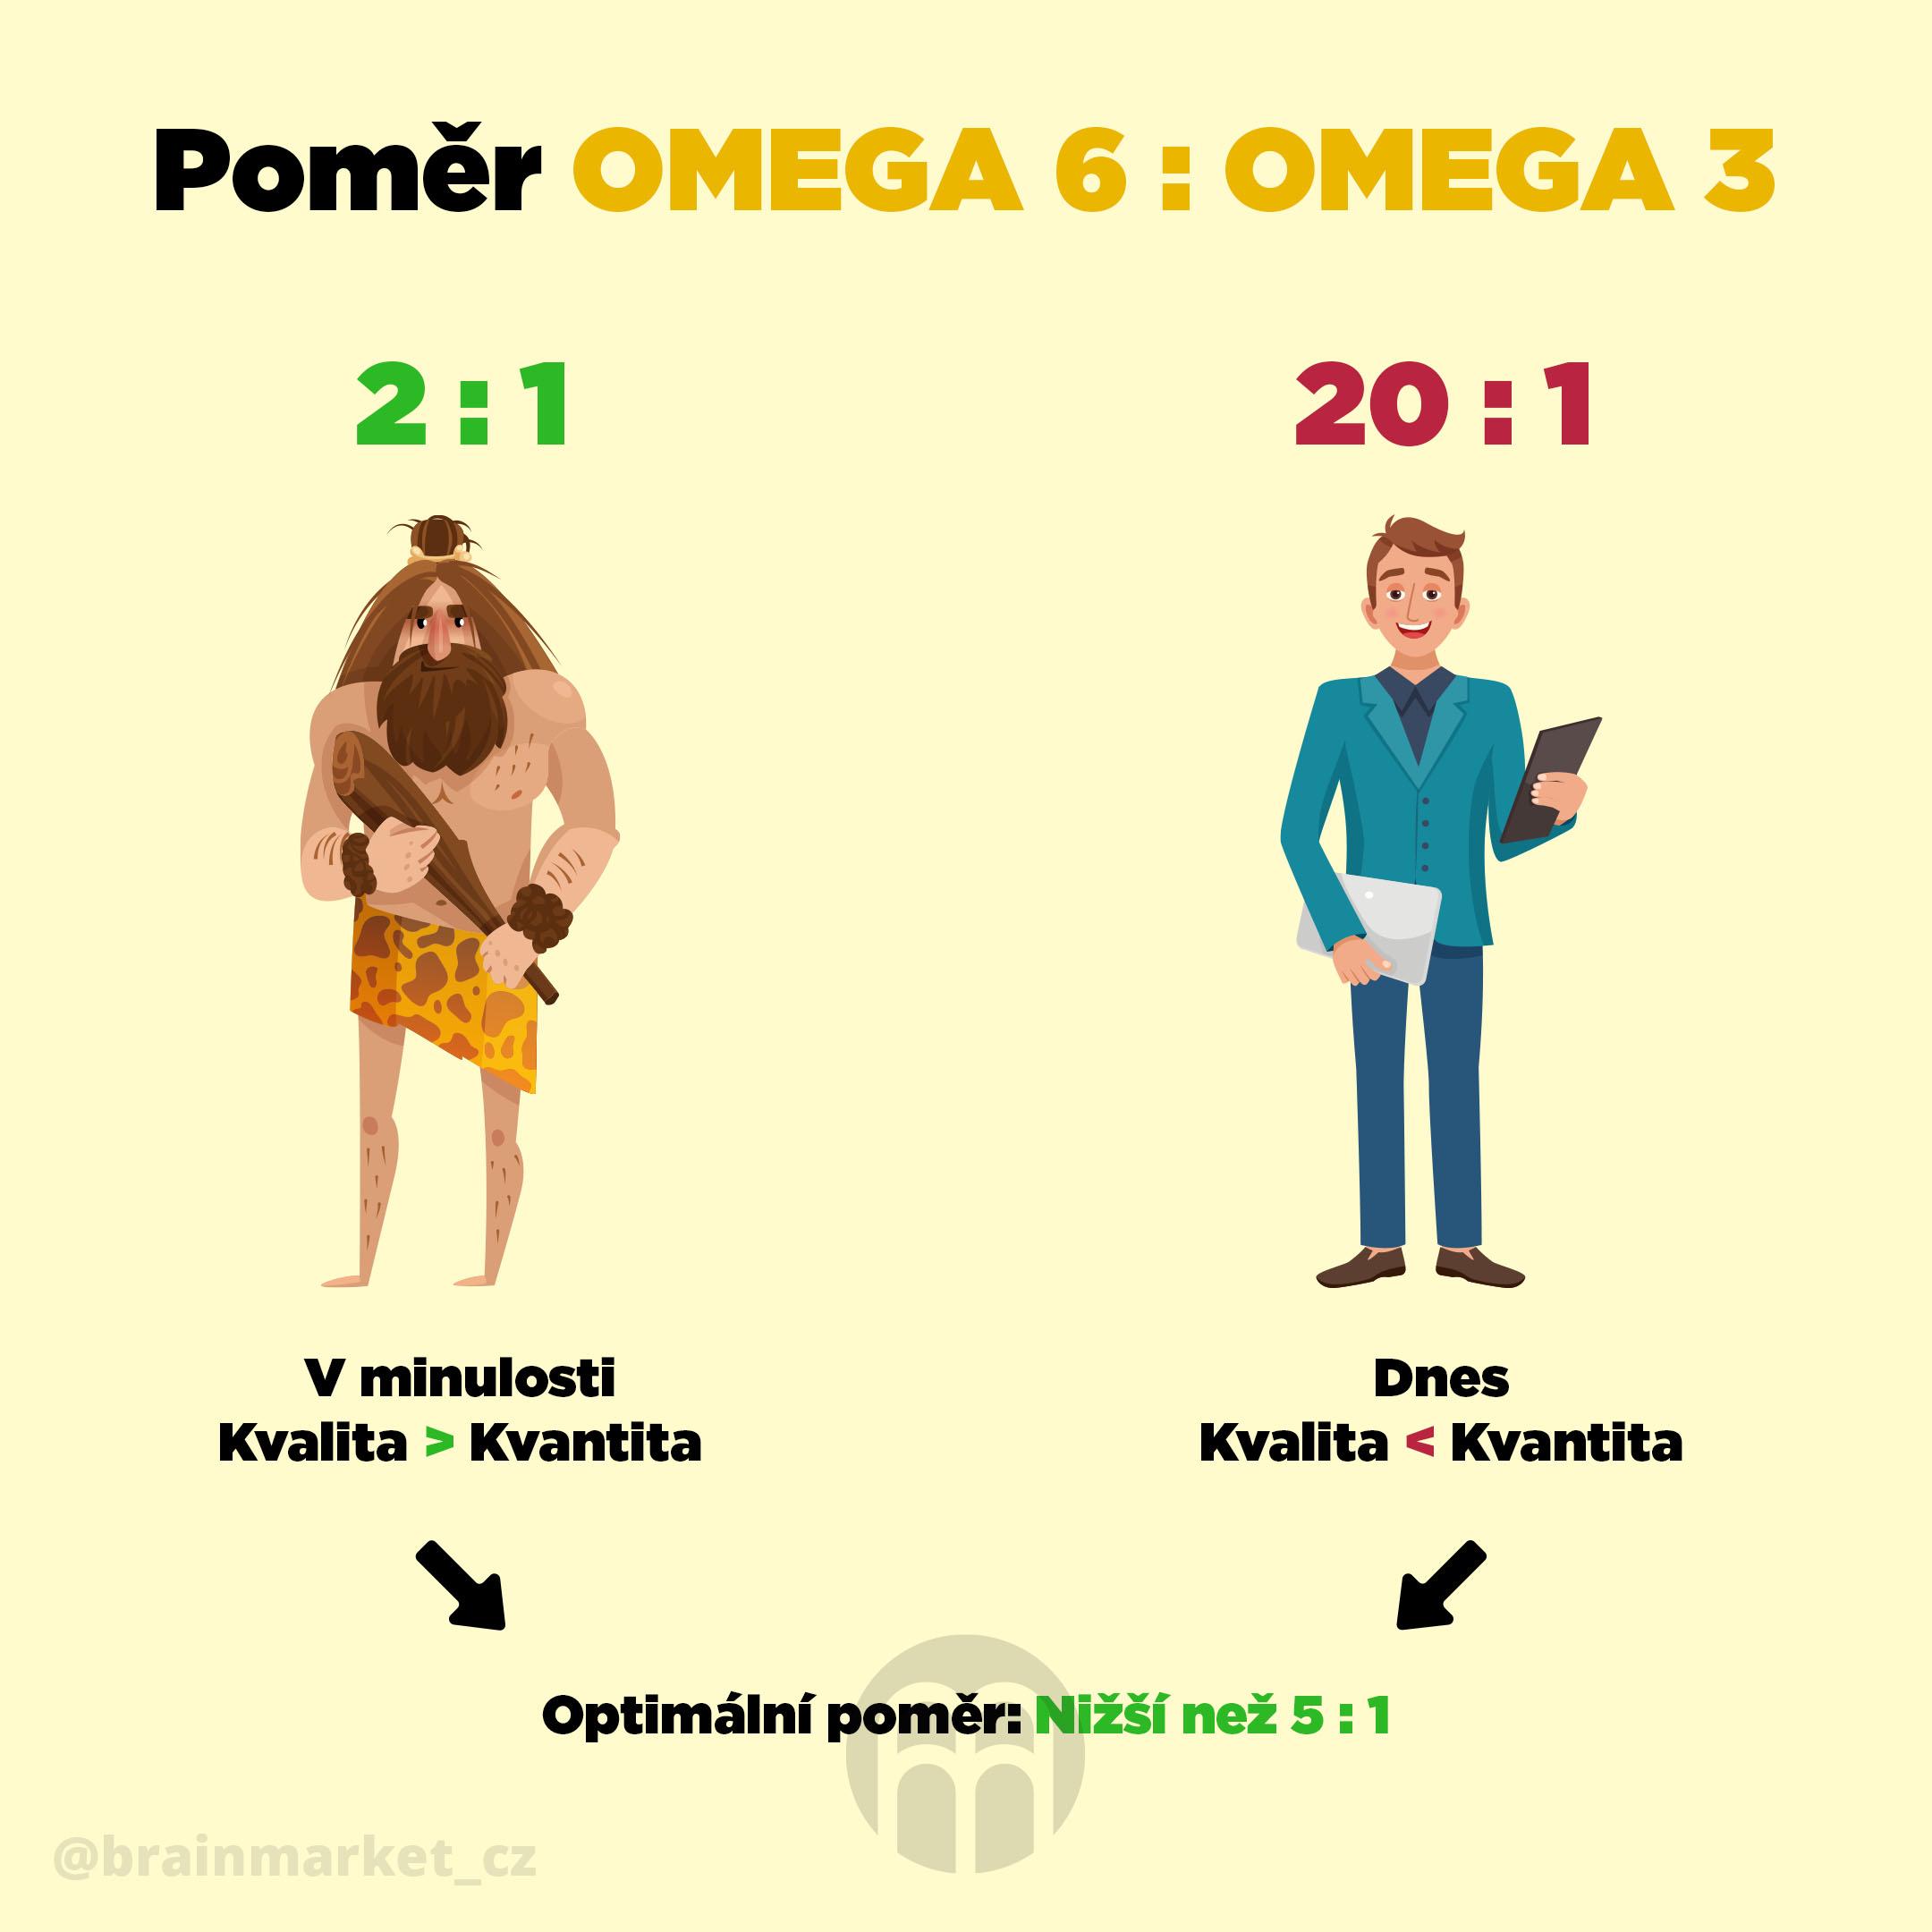 Poměr omega-6:3 mastných kyselin a proč je nezbytný pro optimální zdraví